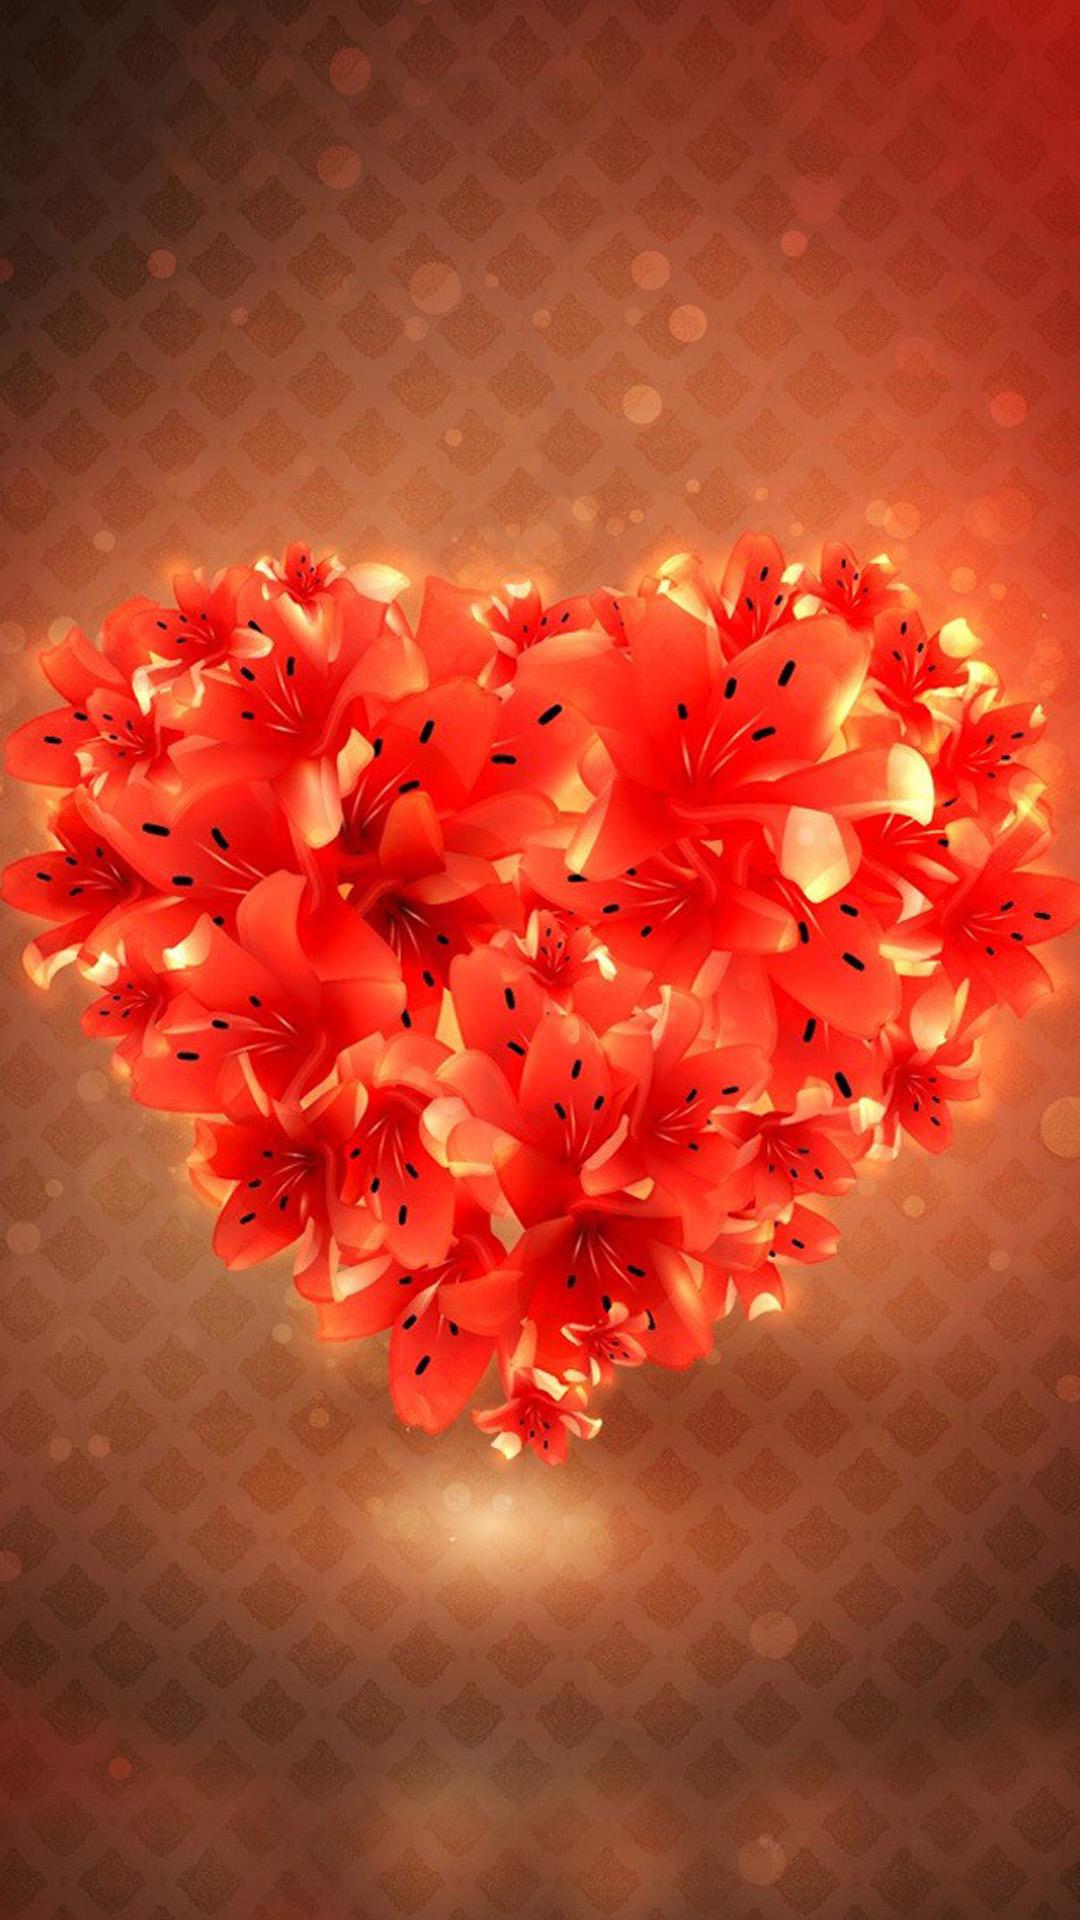 flower love heart